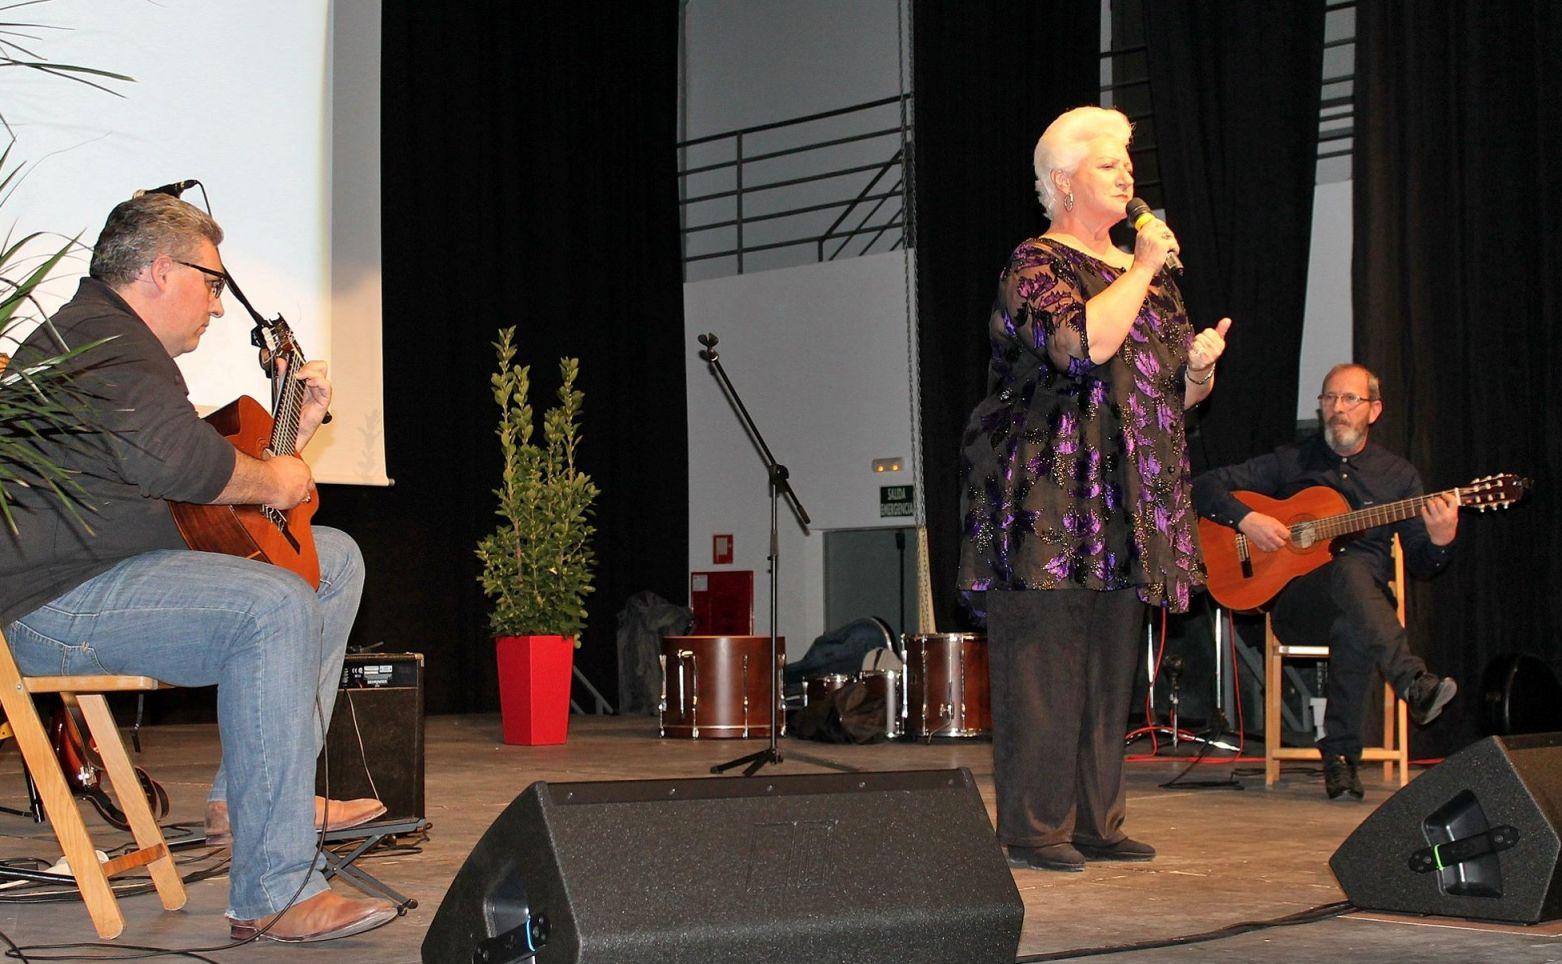 Joana Pons y sus guitarras. Foto: Caty Pascual.